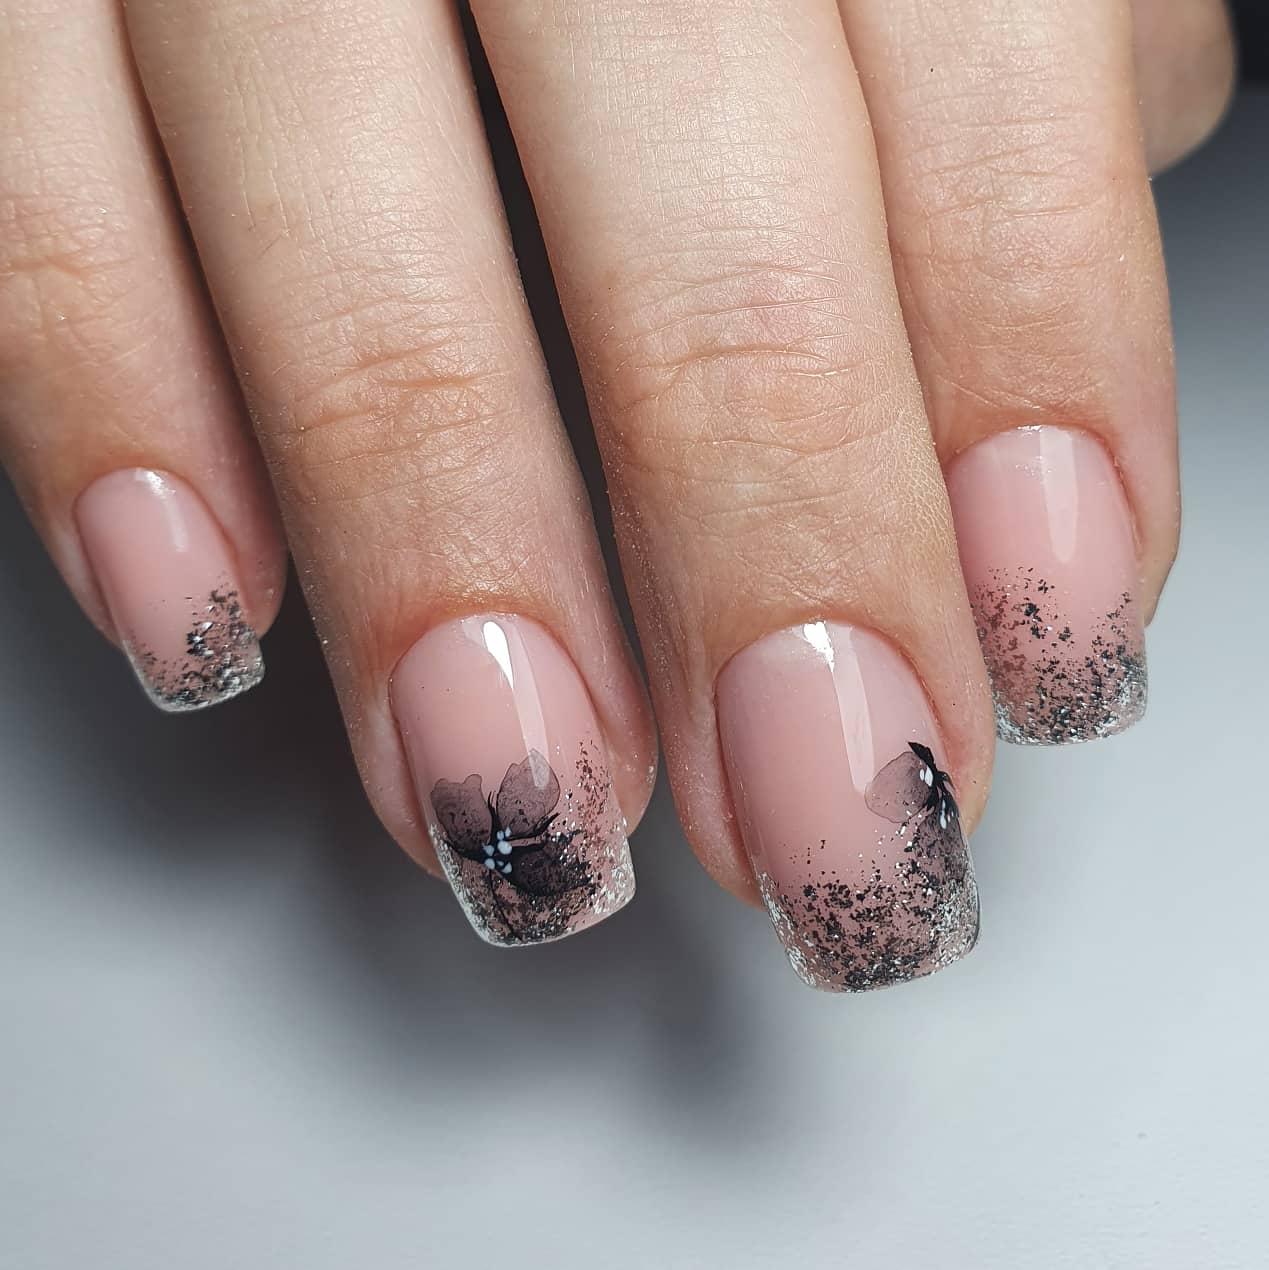 Нюдовый маникюр с акварельным цветочным рисунком и серебряной фольгой на короткие ногти.